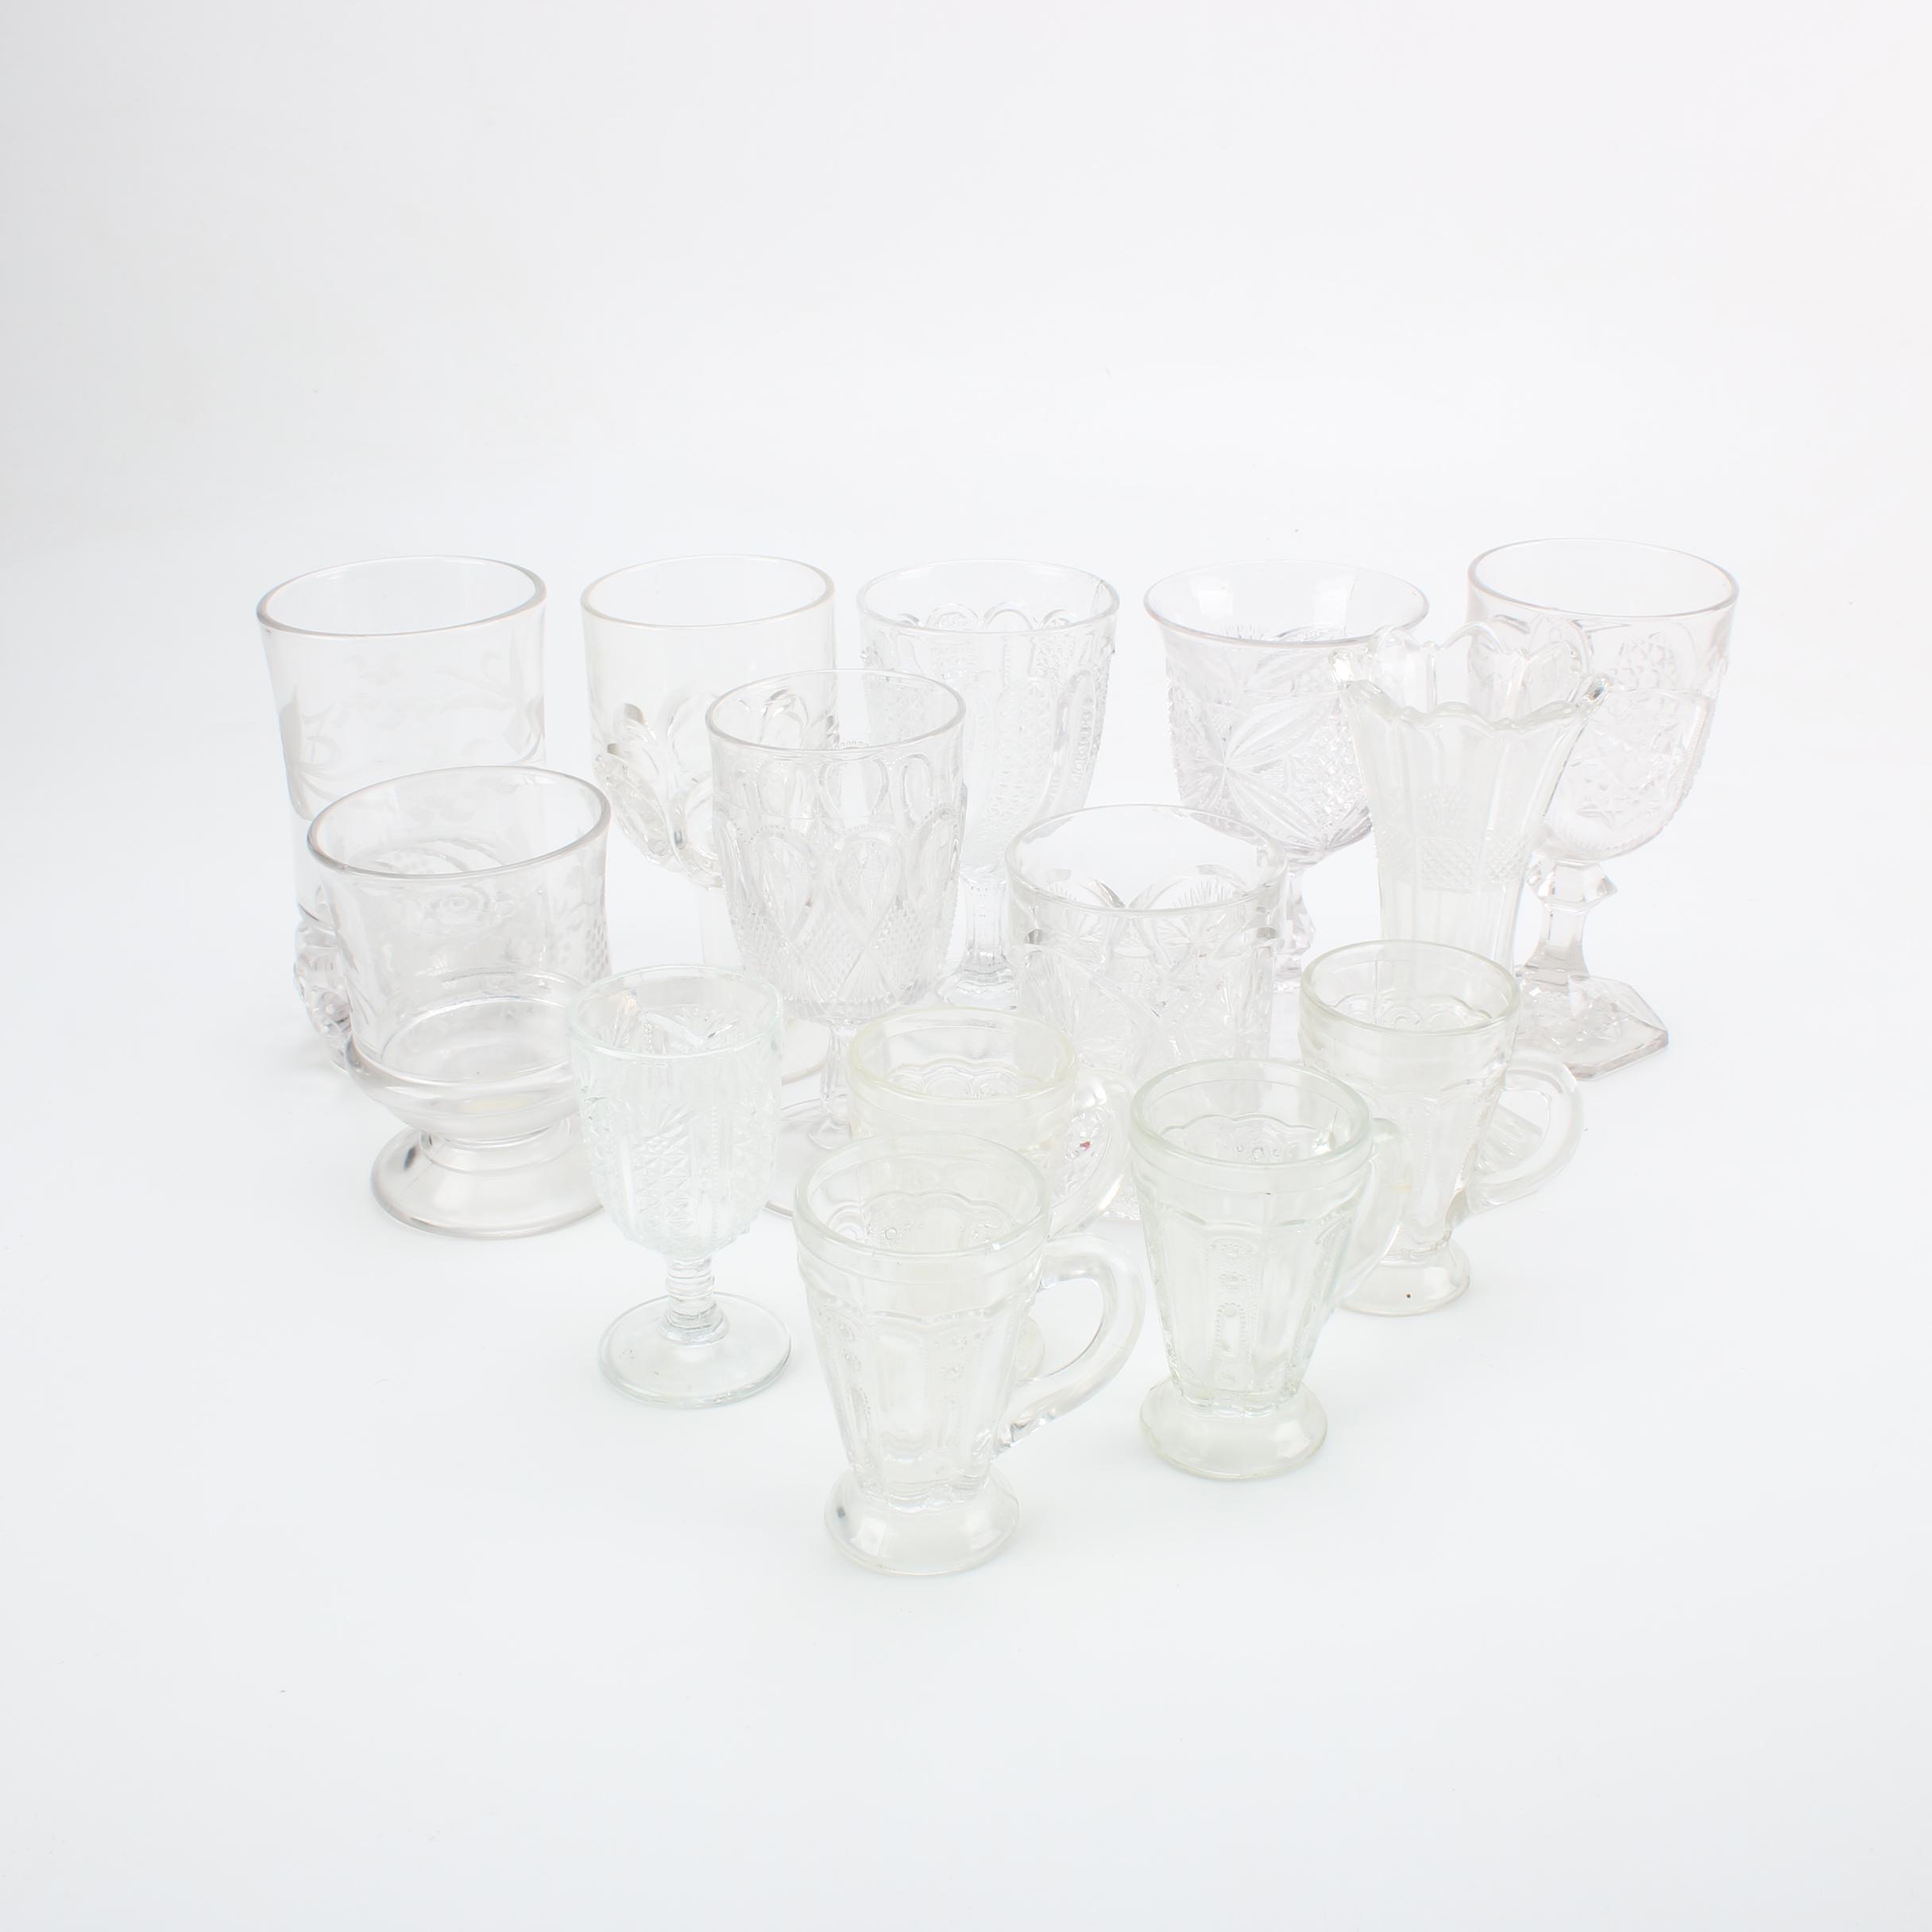 Antique EAPG Glass Stemware